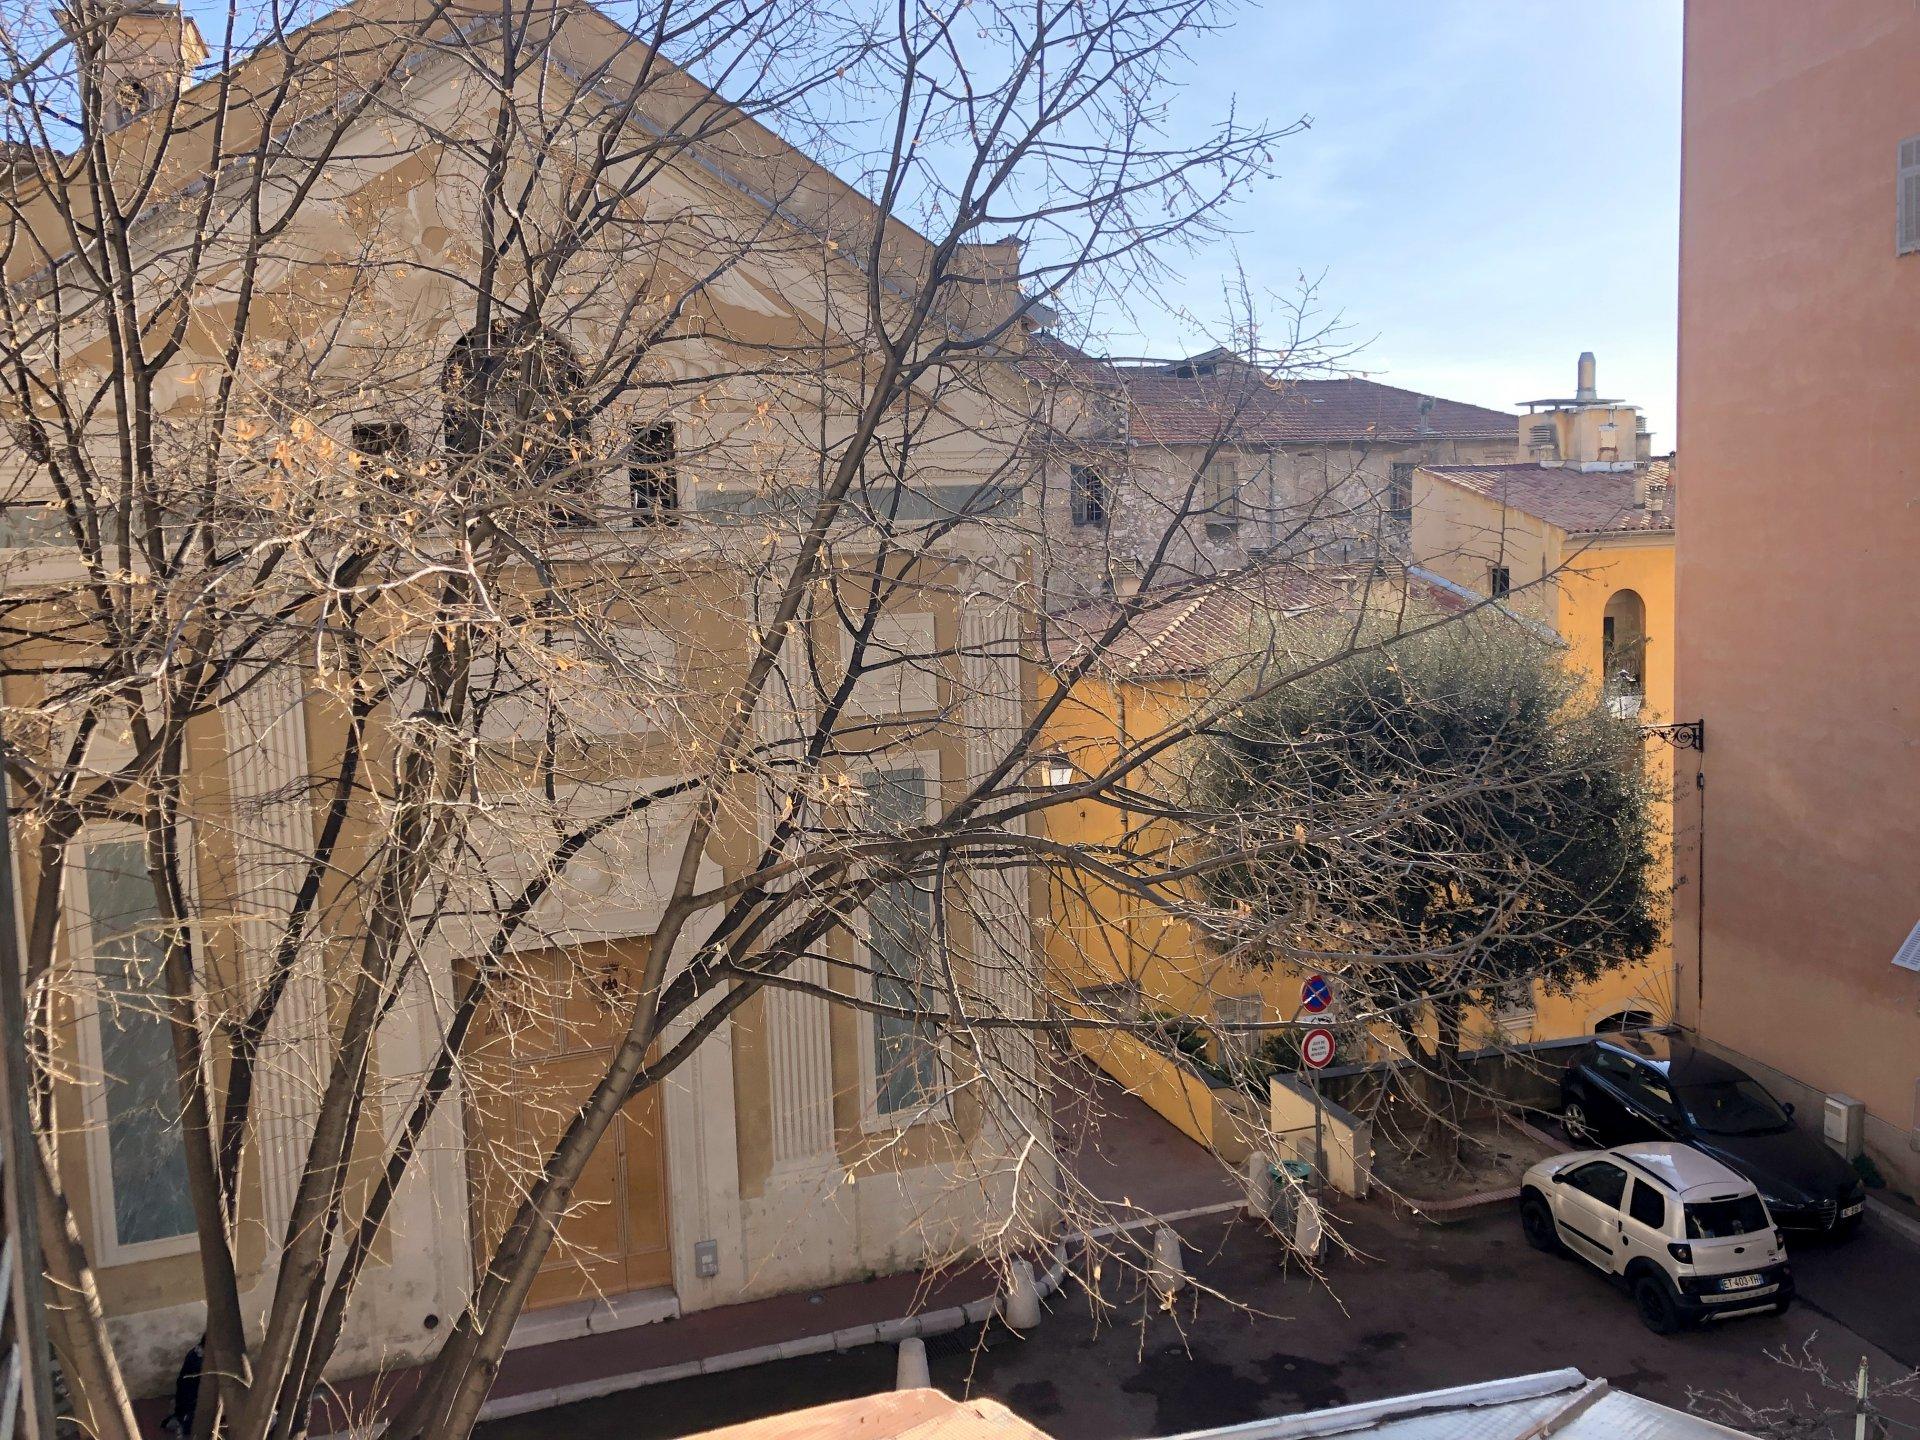 Location Nice, 2 pièces 34.81m² situé dans la vieille ville